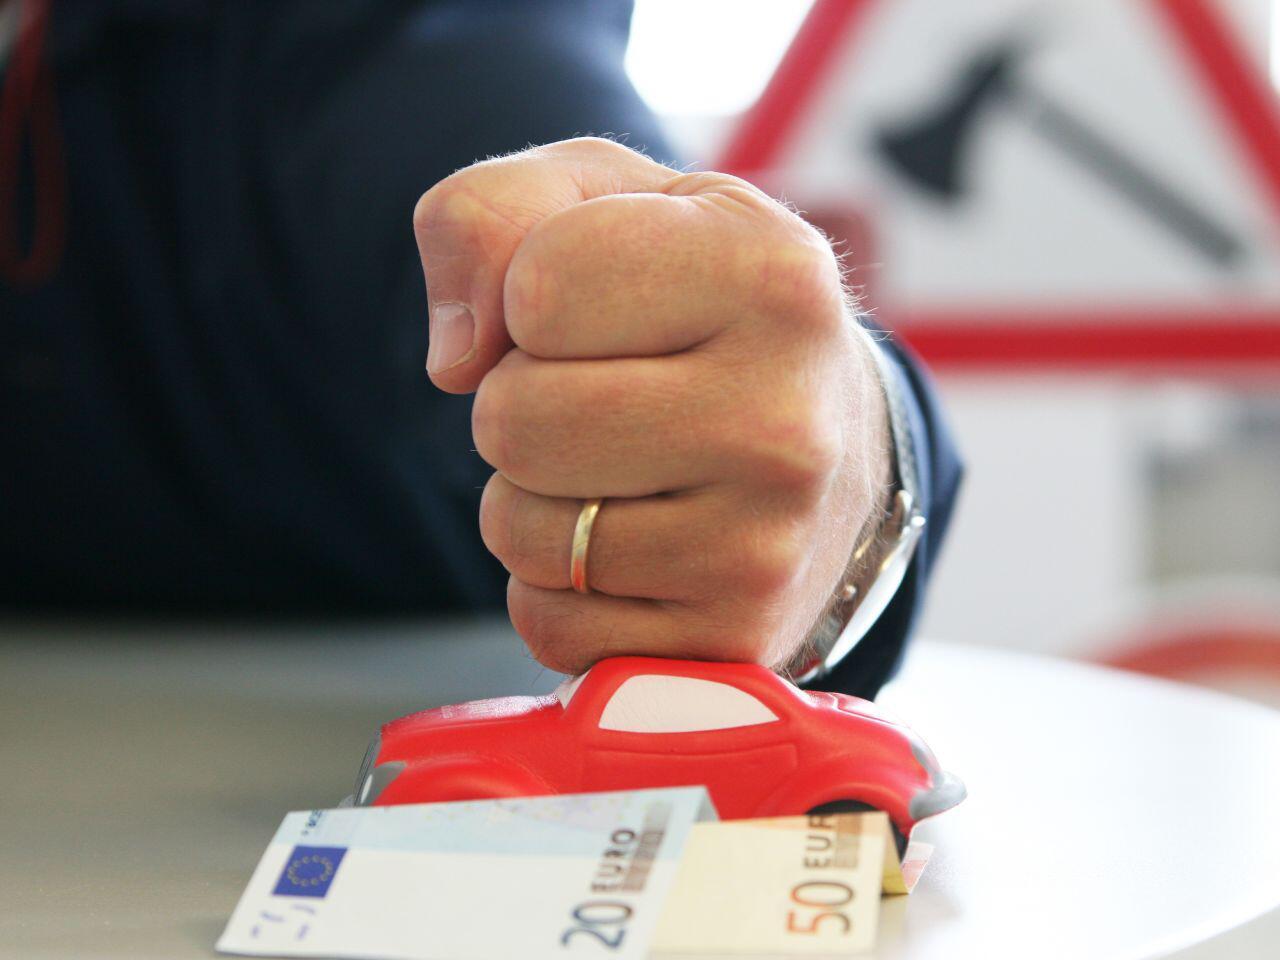 Bild zu Viele Kfz-Versicherungen bieten Ihren Kunden spezielle Partnertarife an